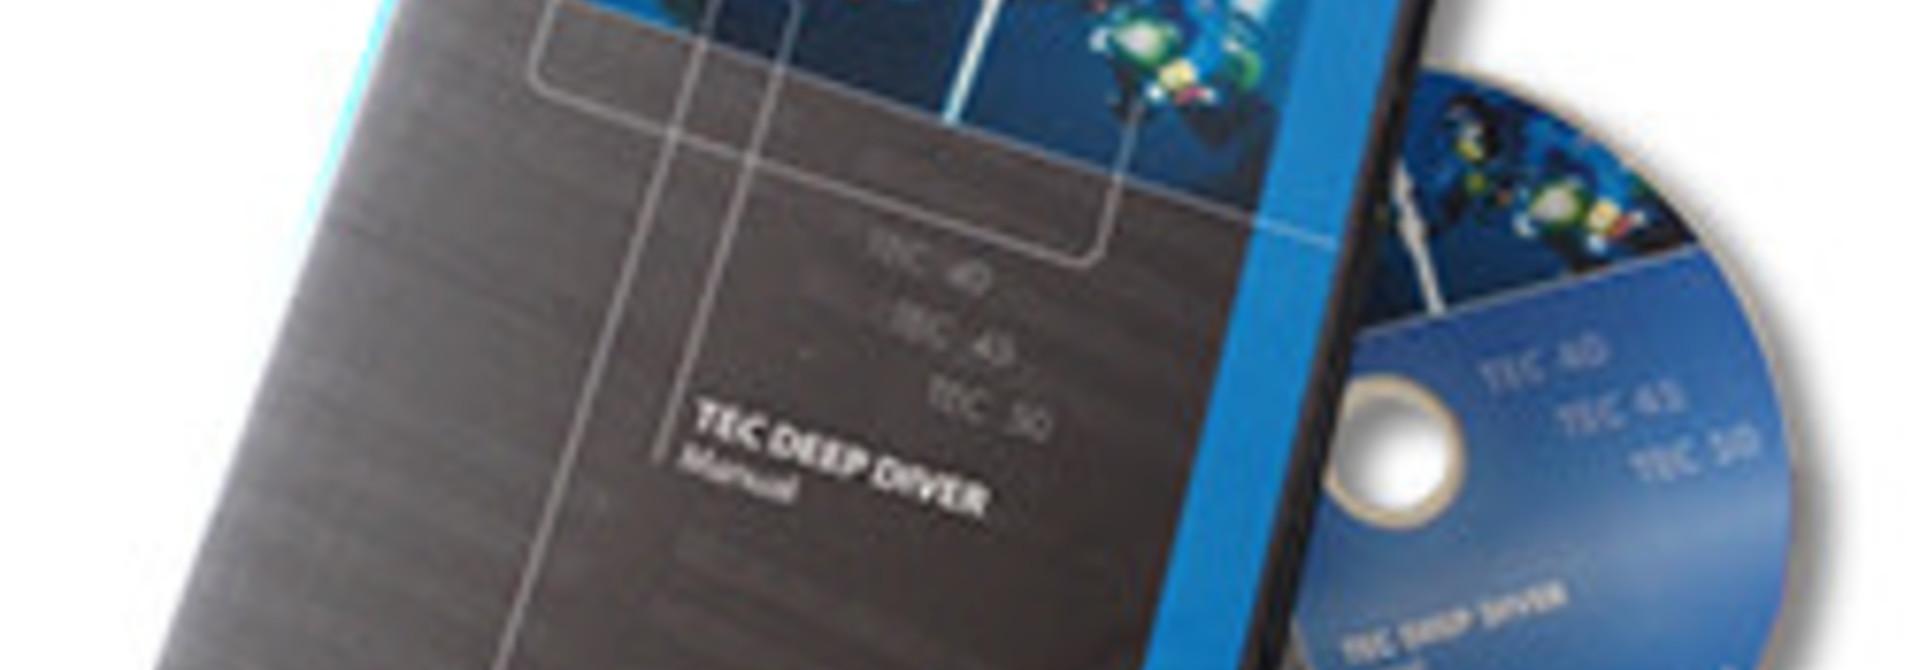 Tec Deep Manual (cd-rom)